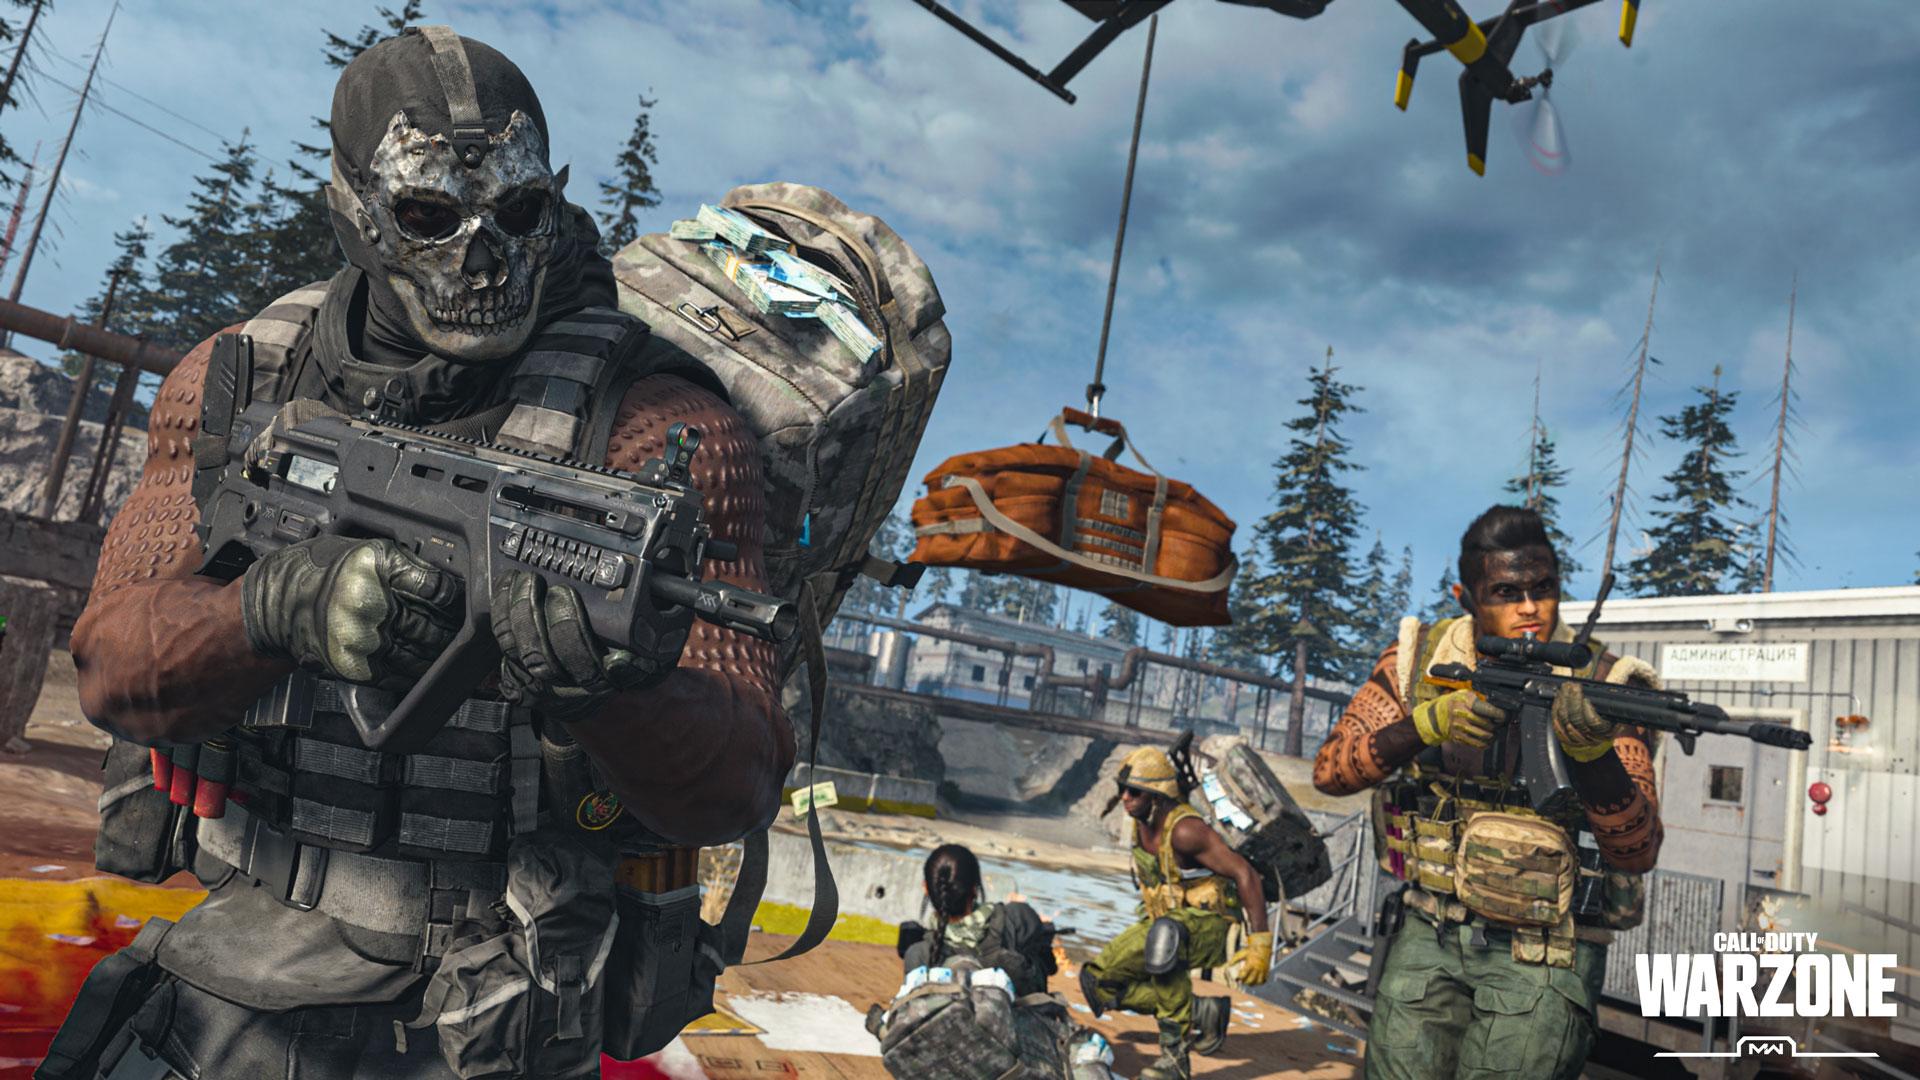 بسیاری از بازیبازان Call of Duty Warzone در حال خاموش کردن قابلیت بازی میان پلتفرمی هستند